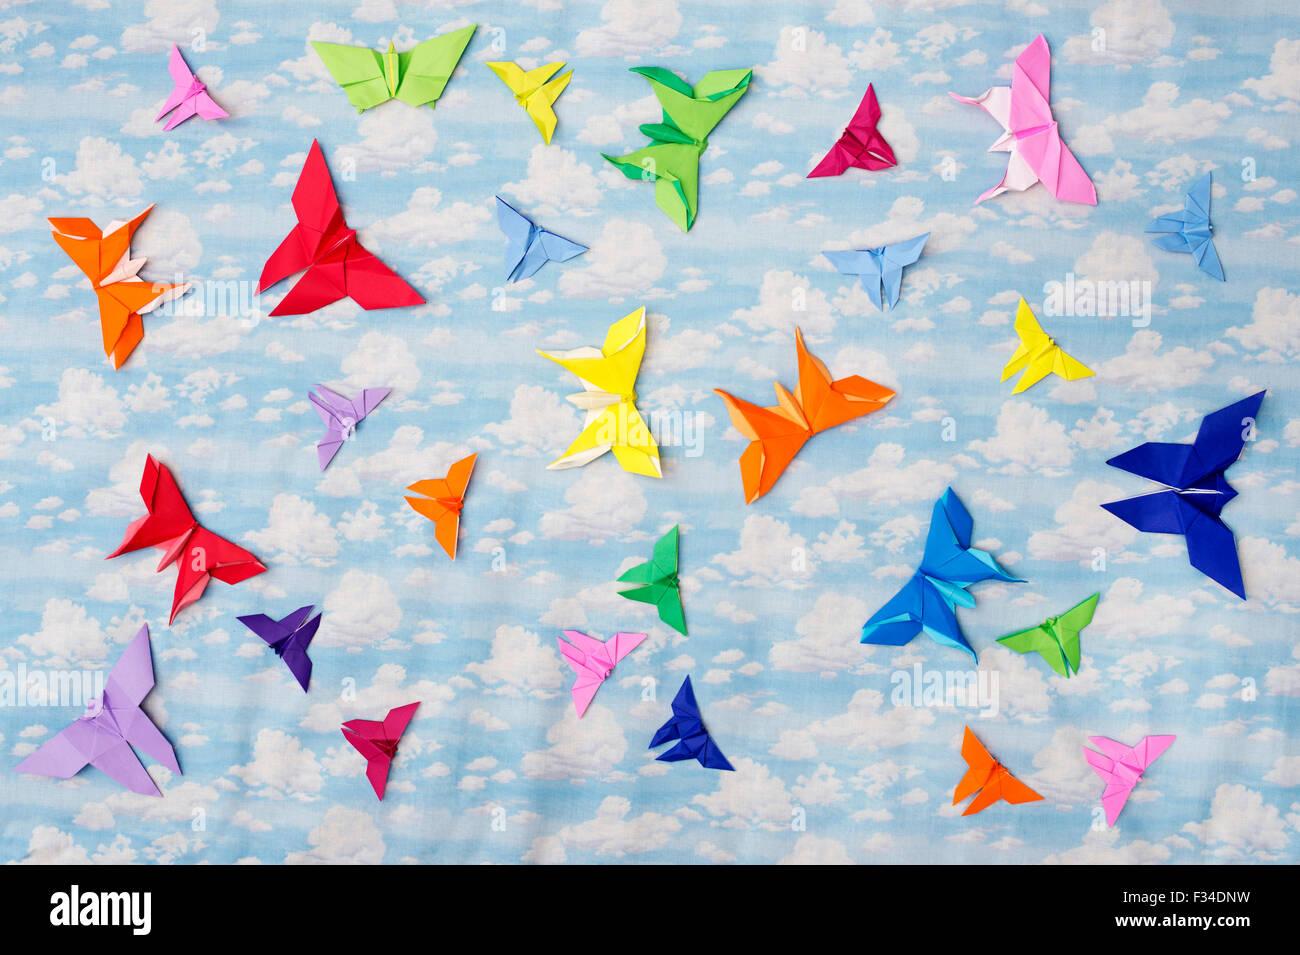 Bunte Origami Papier Schmetterlinge auf einem bewölkten Himmel Muster Hintergrund Stockbild